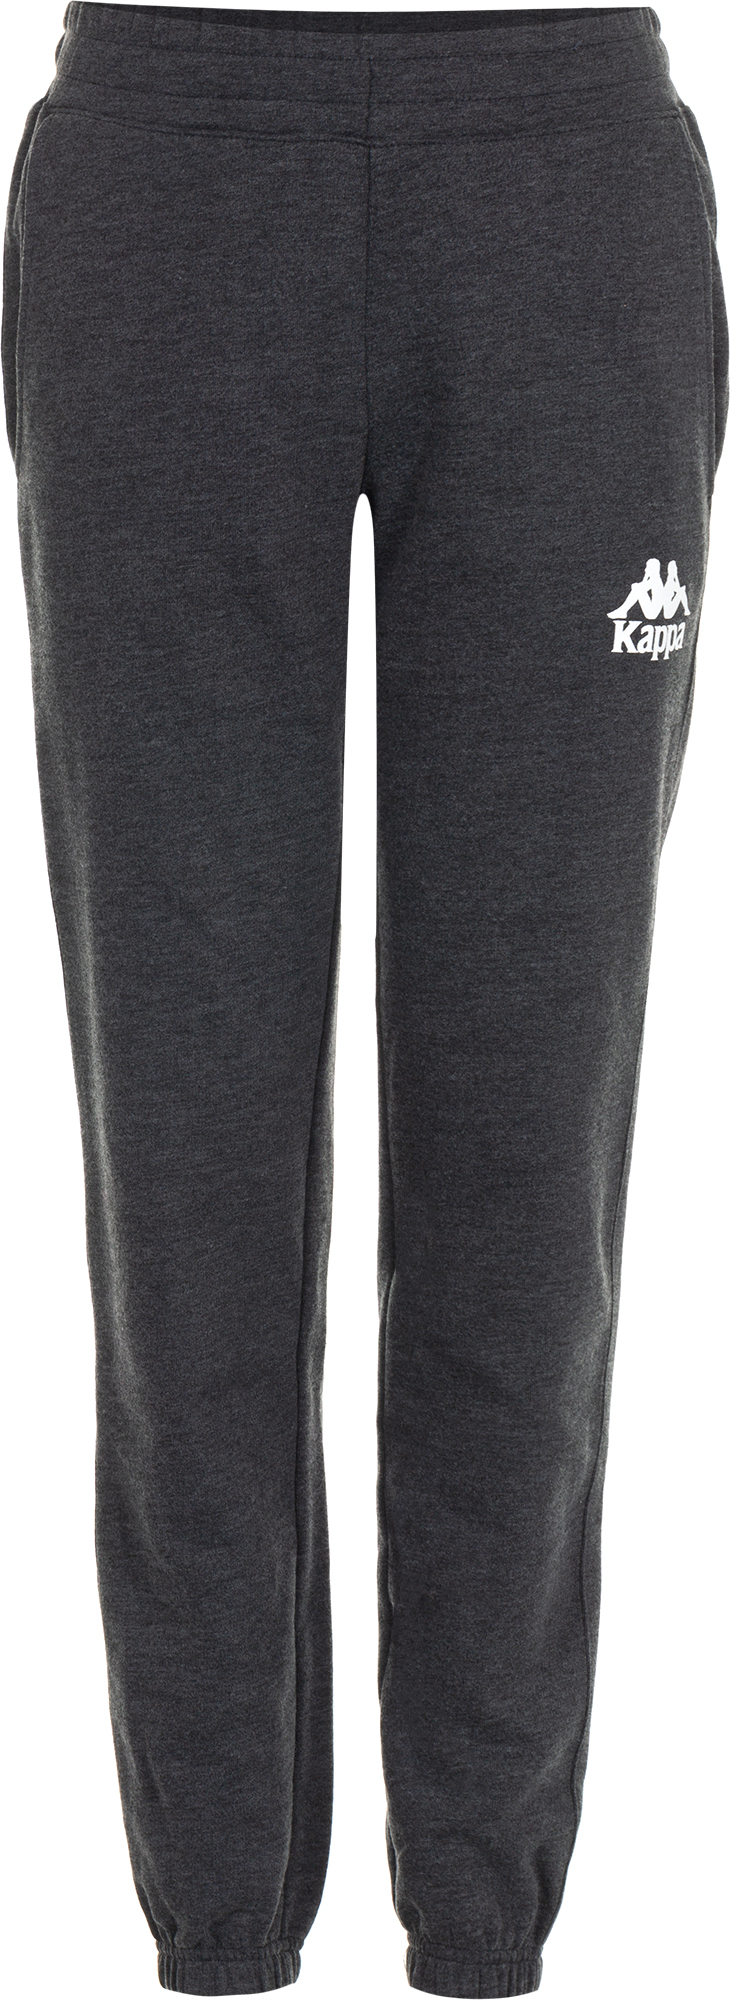 Kappa Брюки для мальчиков Kappa, размер 134 kappa брюки для девочек kappa размер 134